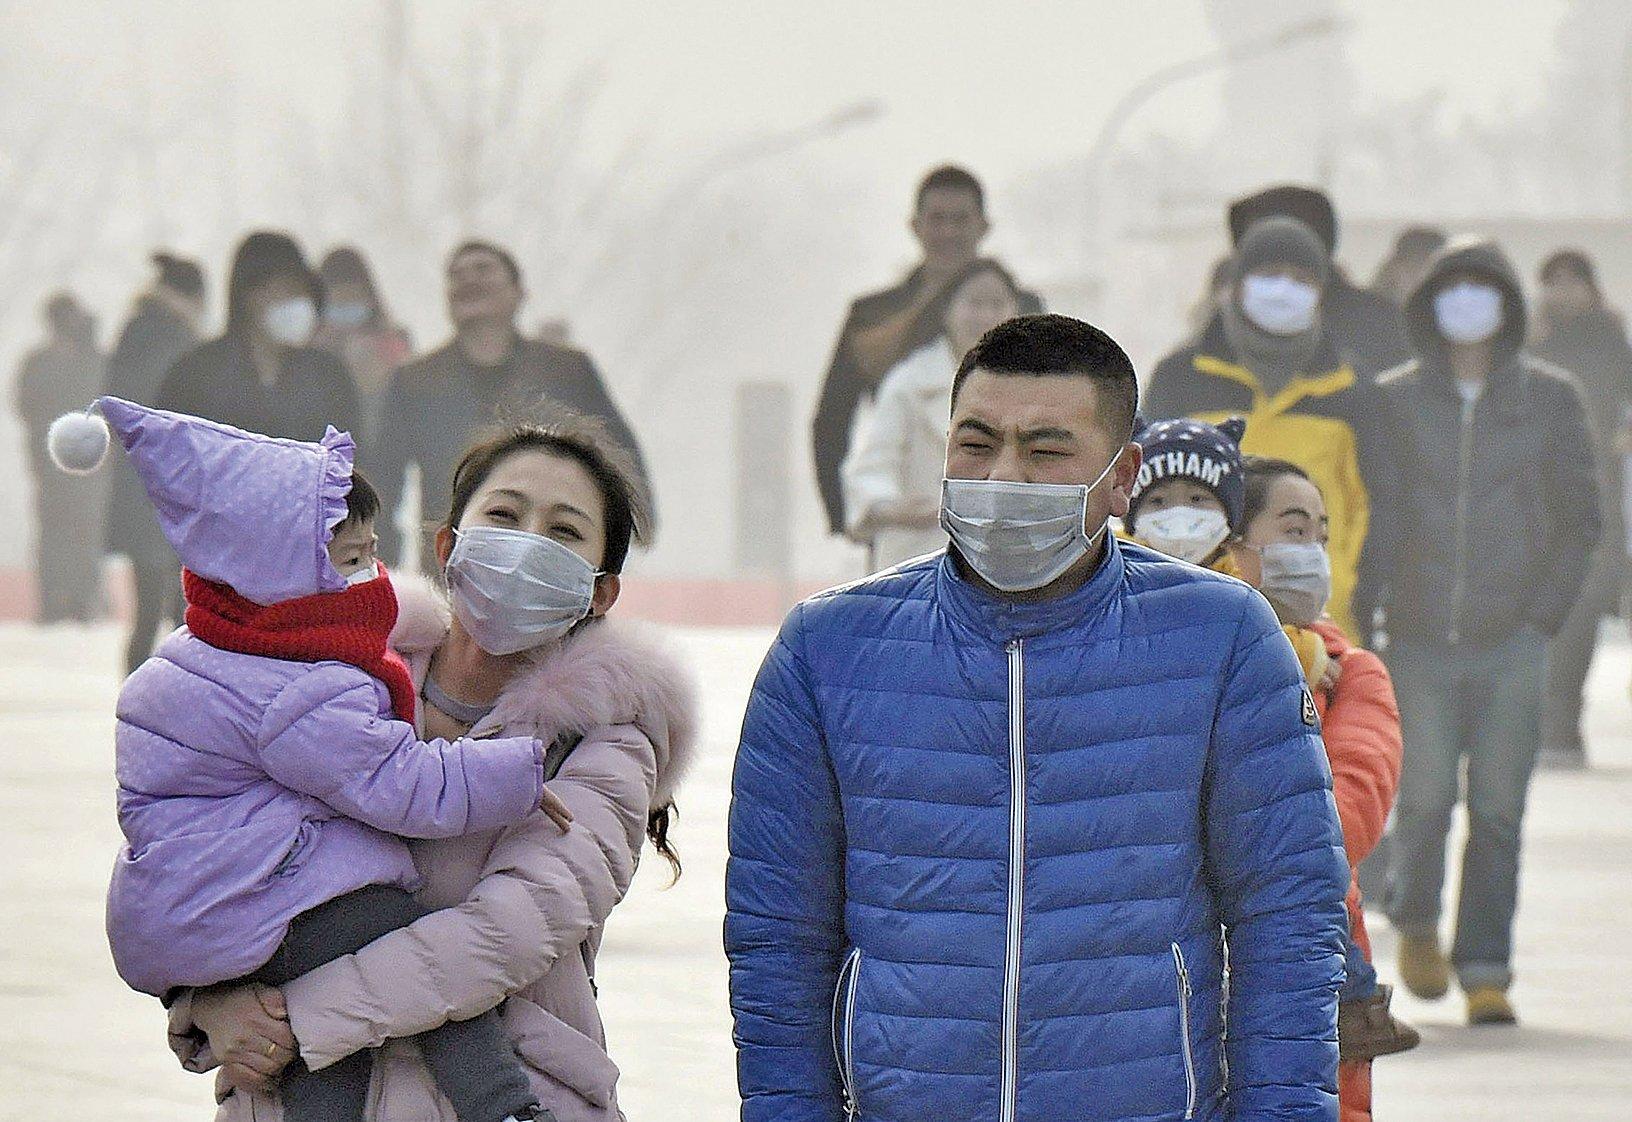 中國北方近年深陷陰霾污染,但今年霾害嚴重,影響地區佔國土面積六分之一。(大紀元資料圖片)